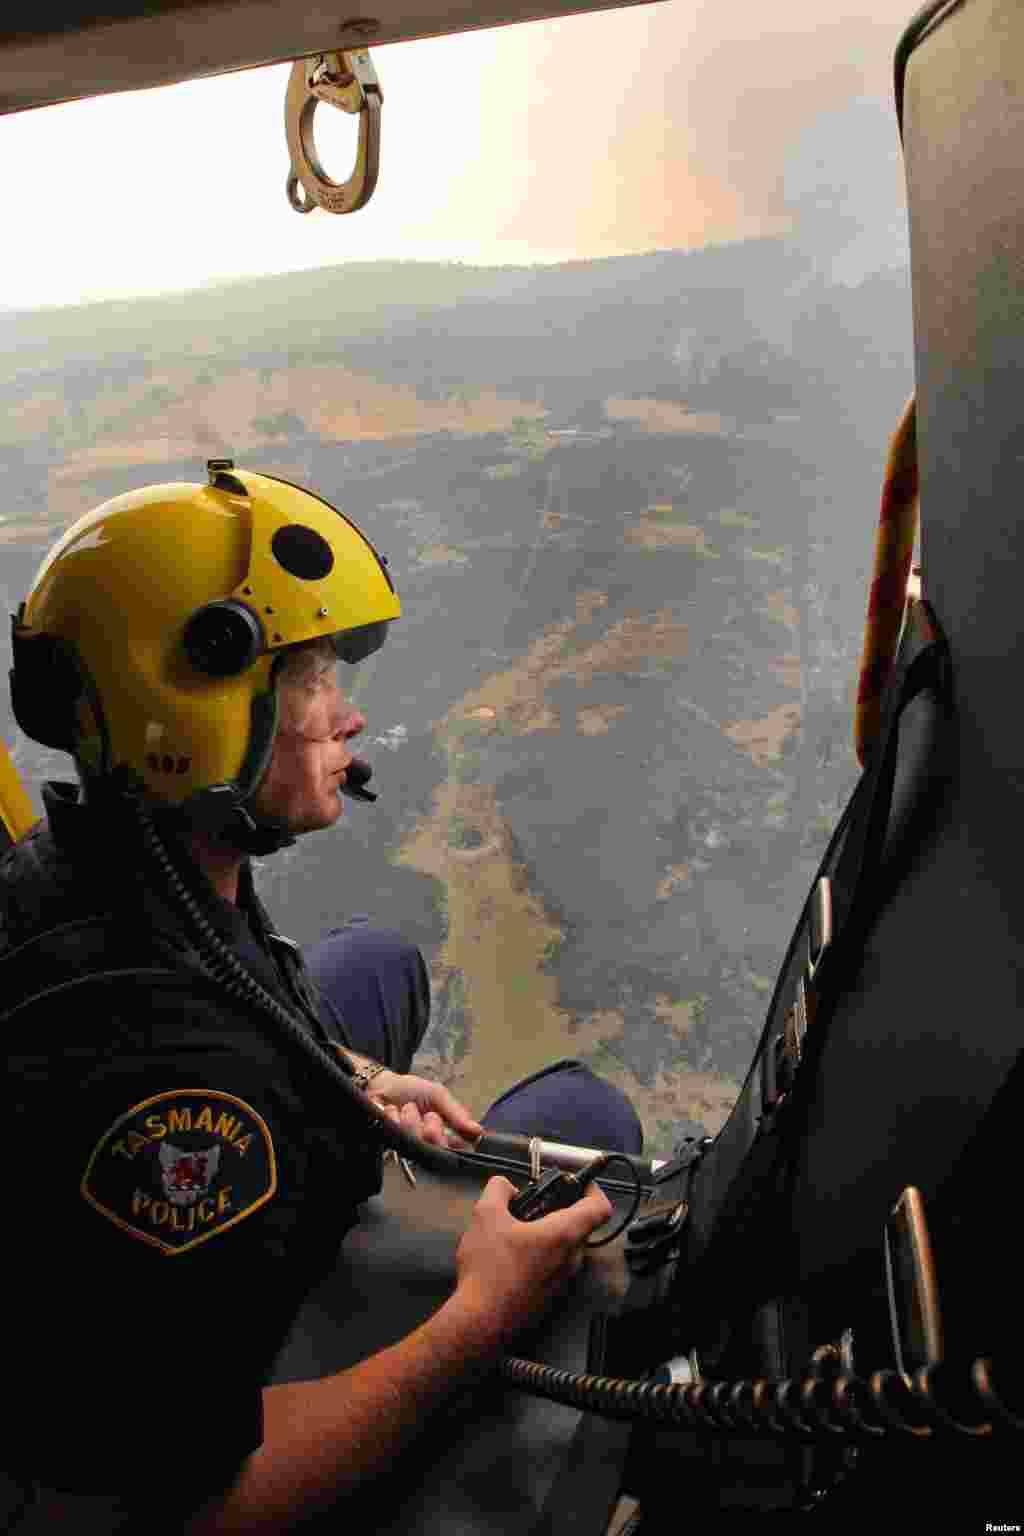 2013年1月5日警方救援直升机机组人员德鲁姆在直升机内俯瞰澳大利亚霍巴特以东的达纳利地区山火的情况